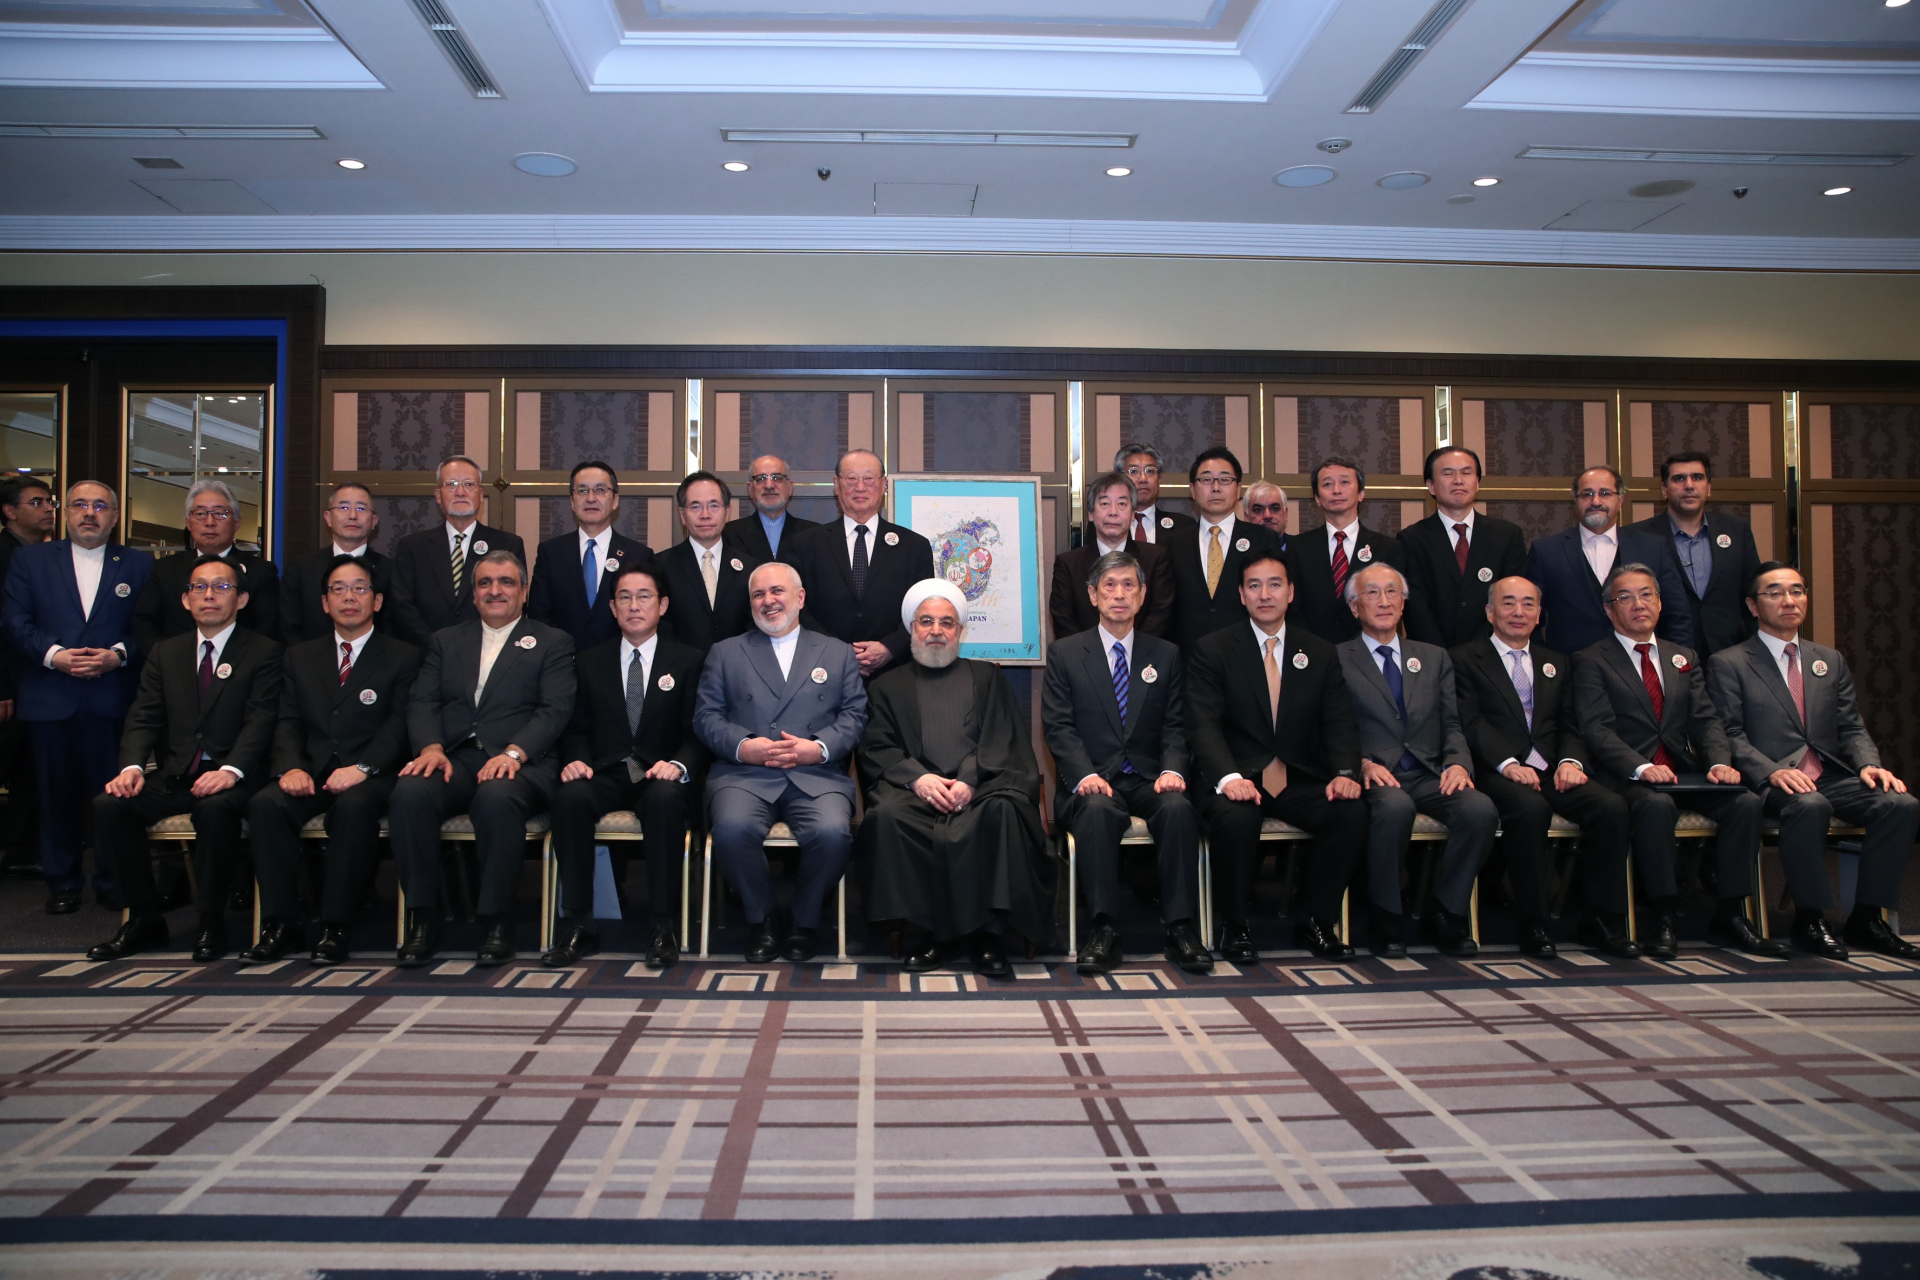 ローハニ・イラン大統領来日記念朝食会に田中会長が出席